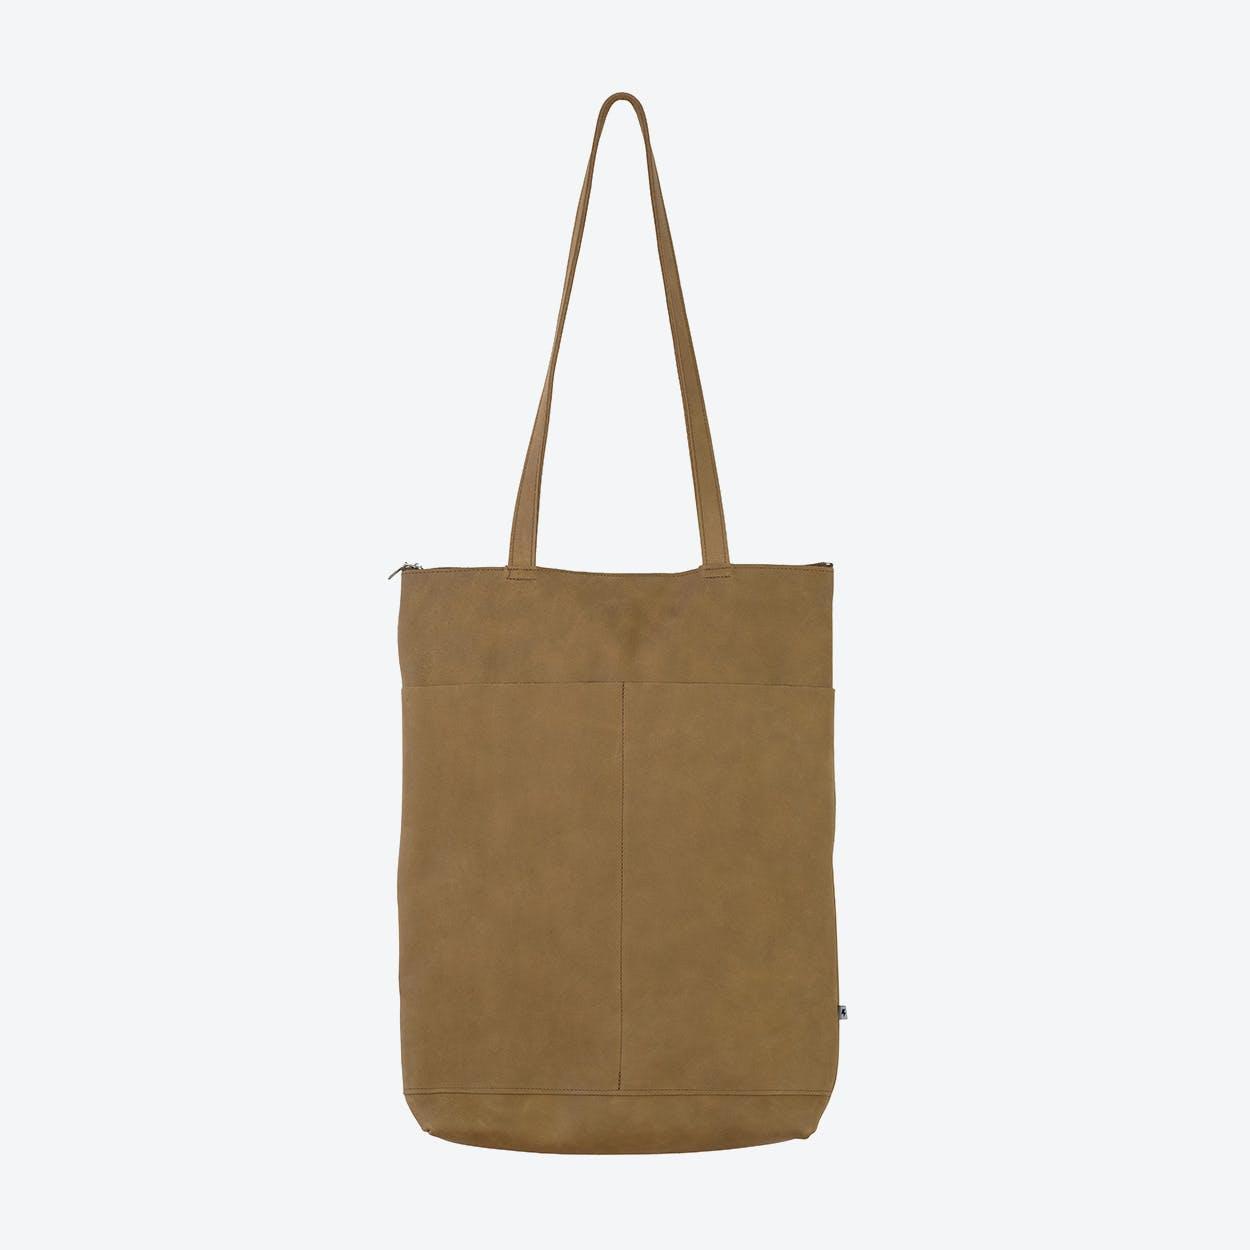 BJARNE Backpack in Brown  - Brown